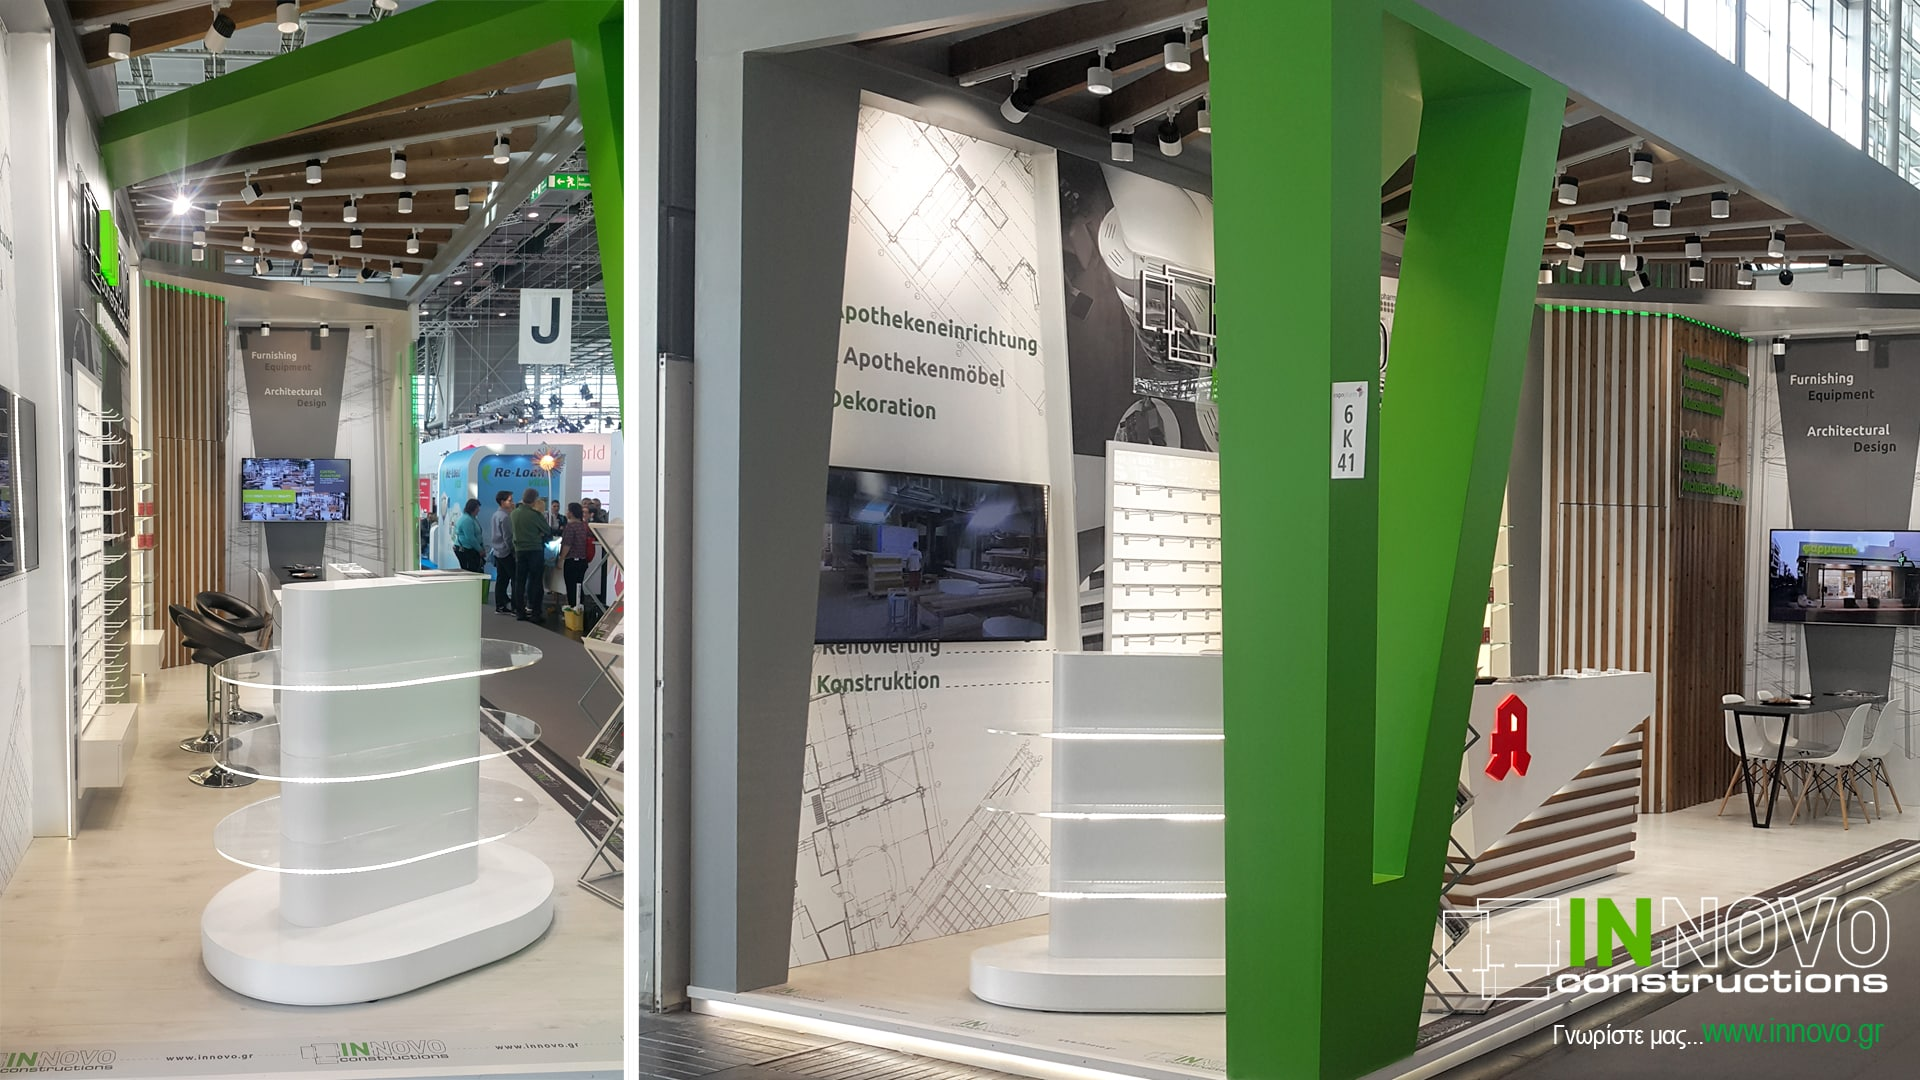 Σχεδιασμός και διακόσμηση περιπτέρου Expopharm 2017